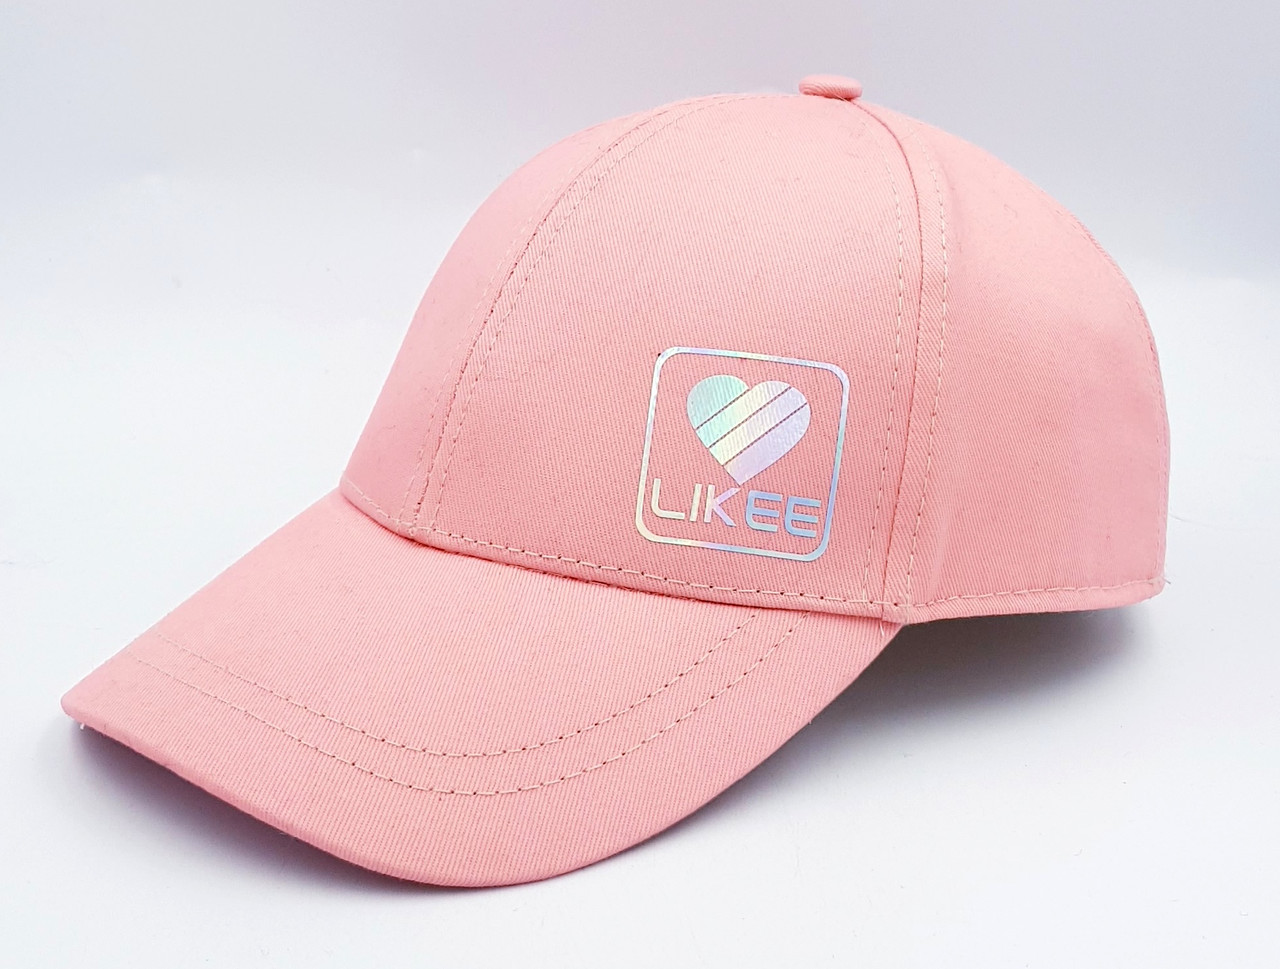 Женская бейсболка Klaus  Коттон Соцсети (53-55, 55-58) Розовый (029-К)